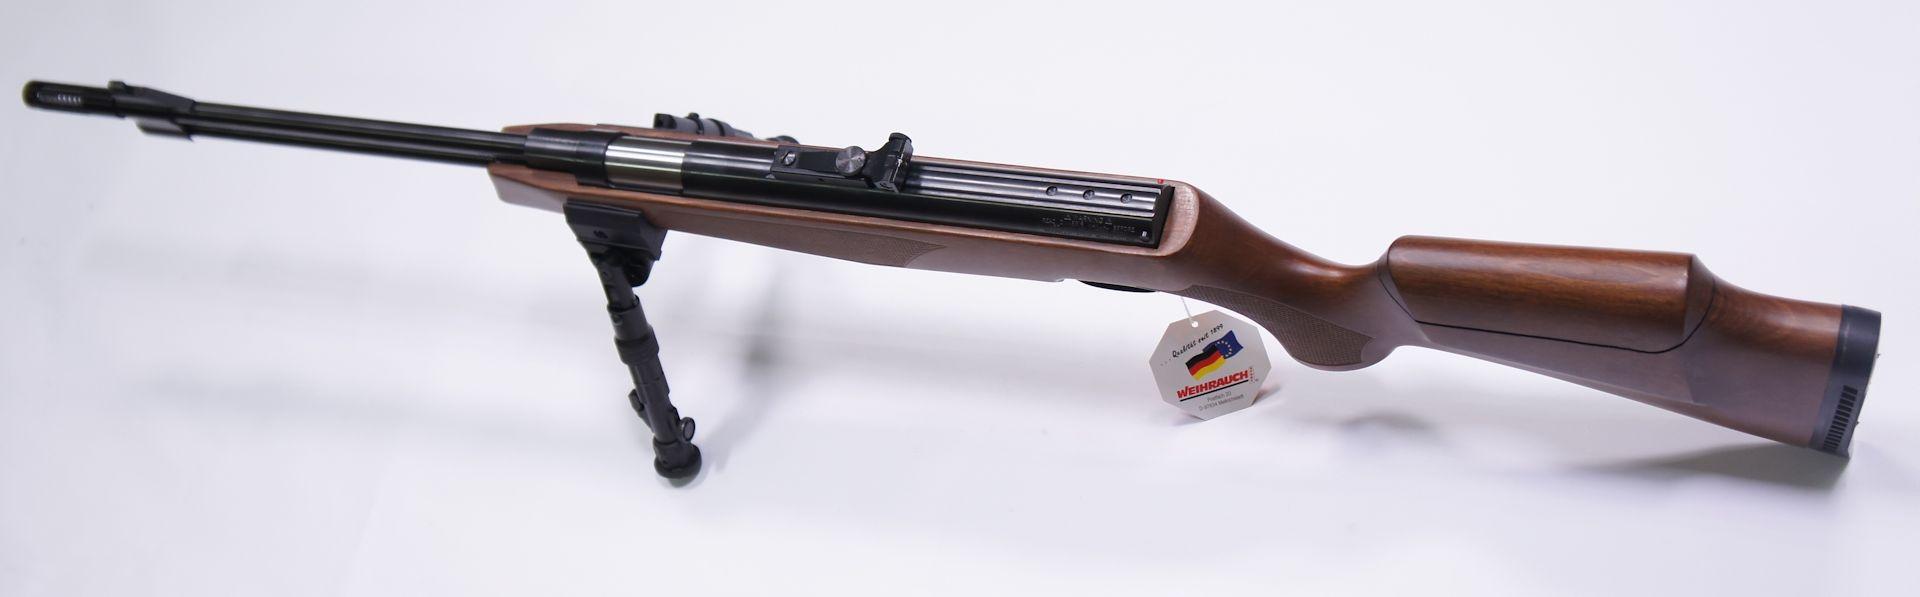 Montagebeispiel am <a href=11604-45S.htm>Luftgewehr HW 77 mit Laufgewinde und verstellbarer Schaftbacke</a>